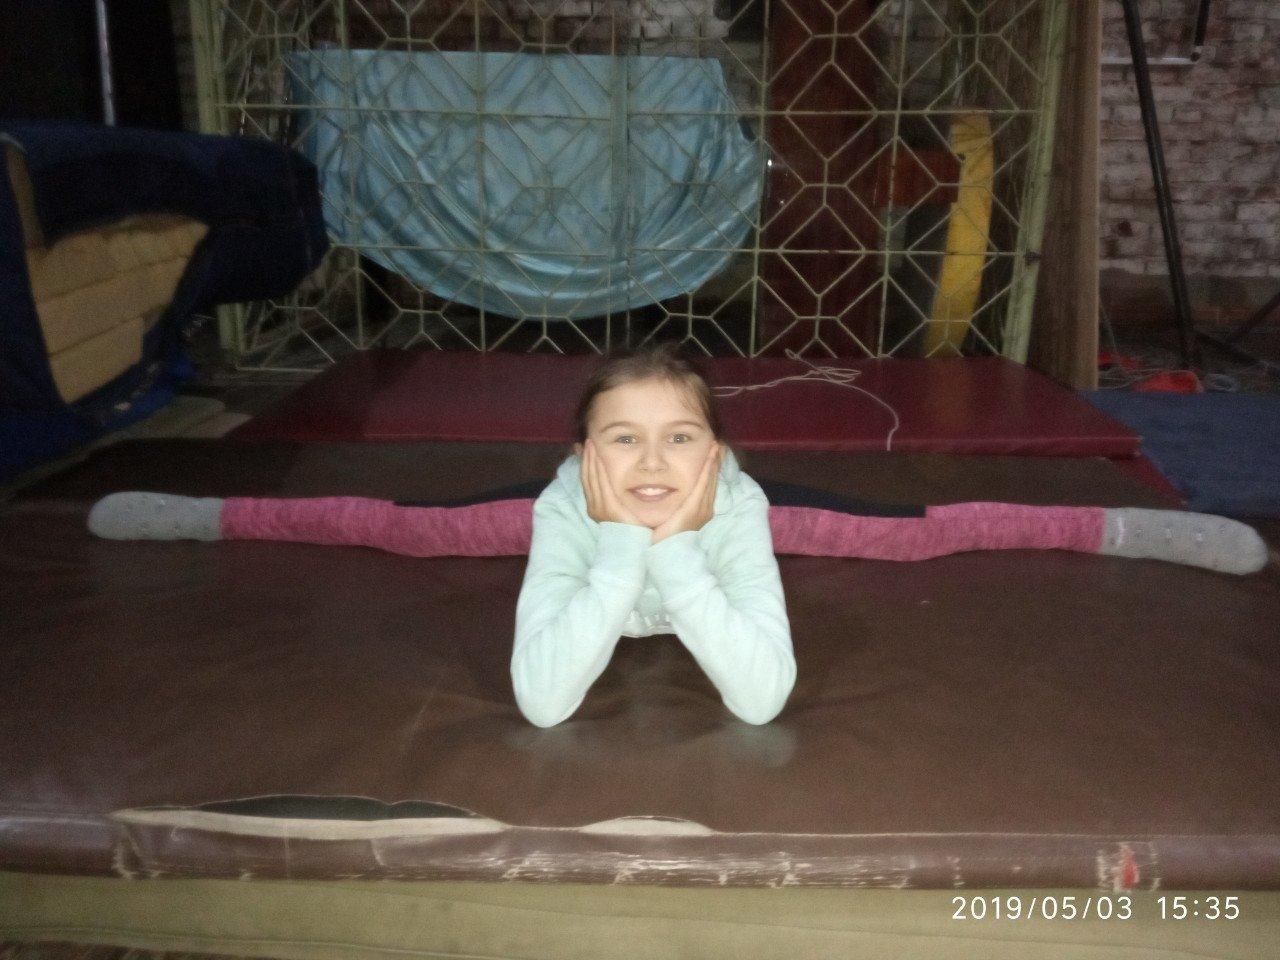 Катя Ларина из Константиновки показала свой талант на шоу «Круче всех», фото-4